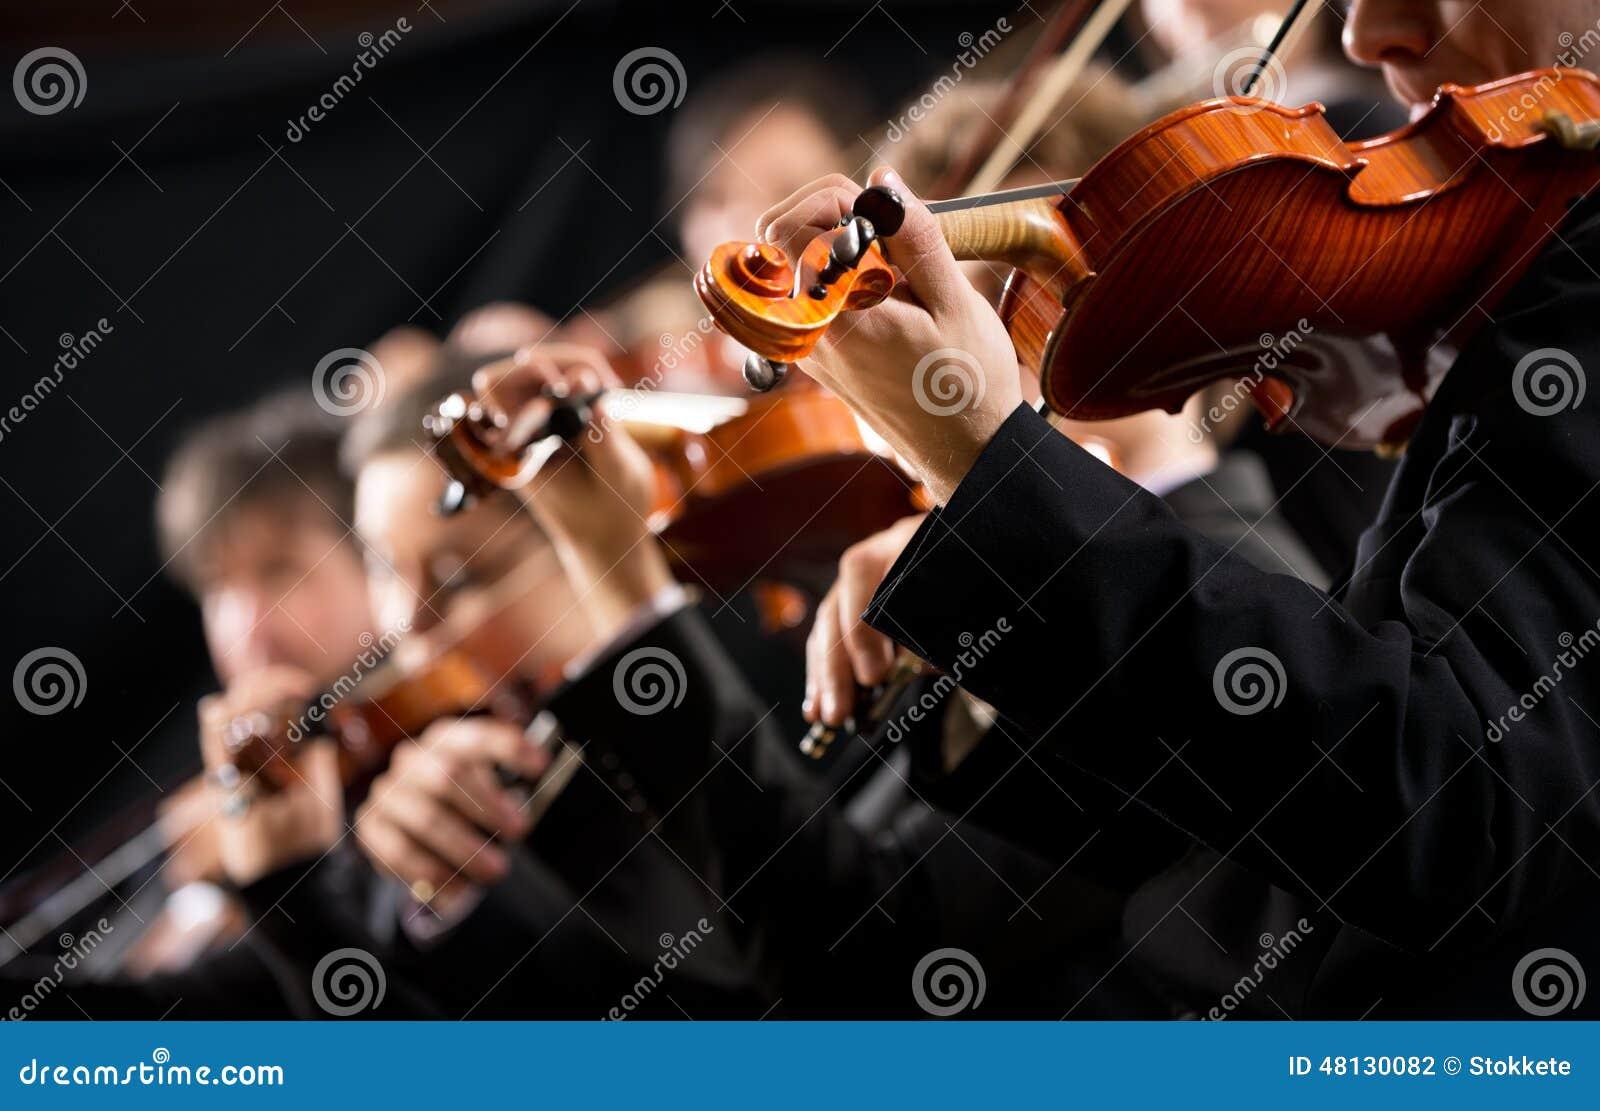 Primera sección de violín de la orquesta